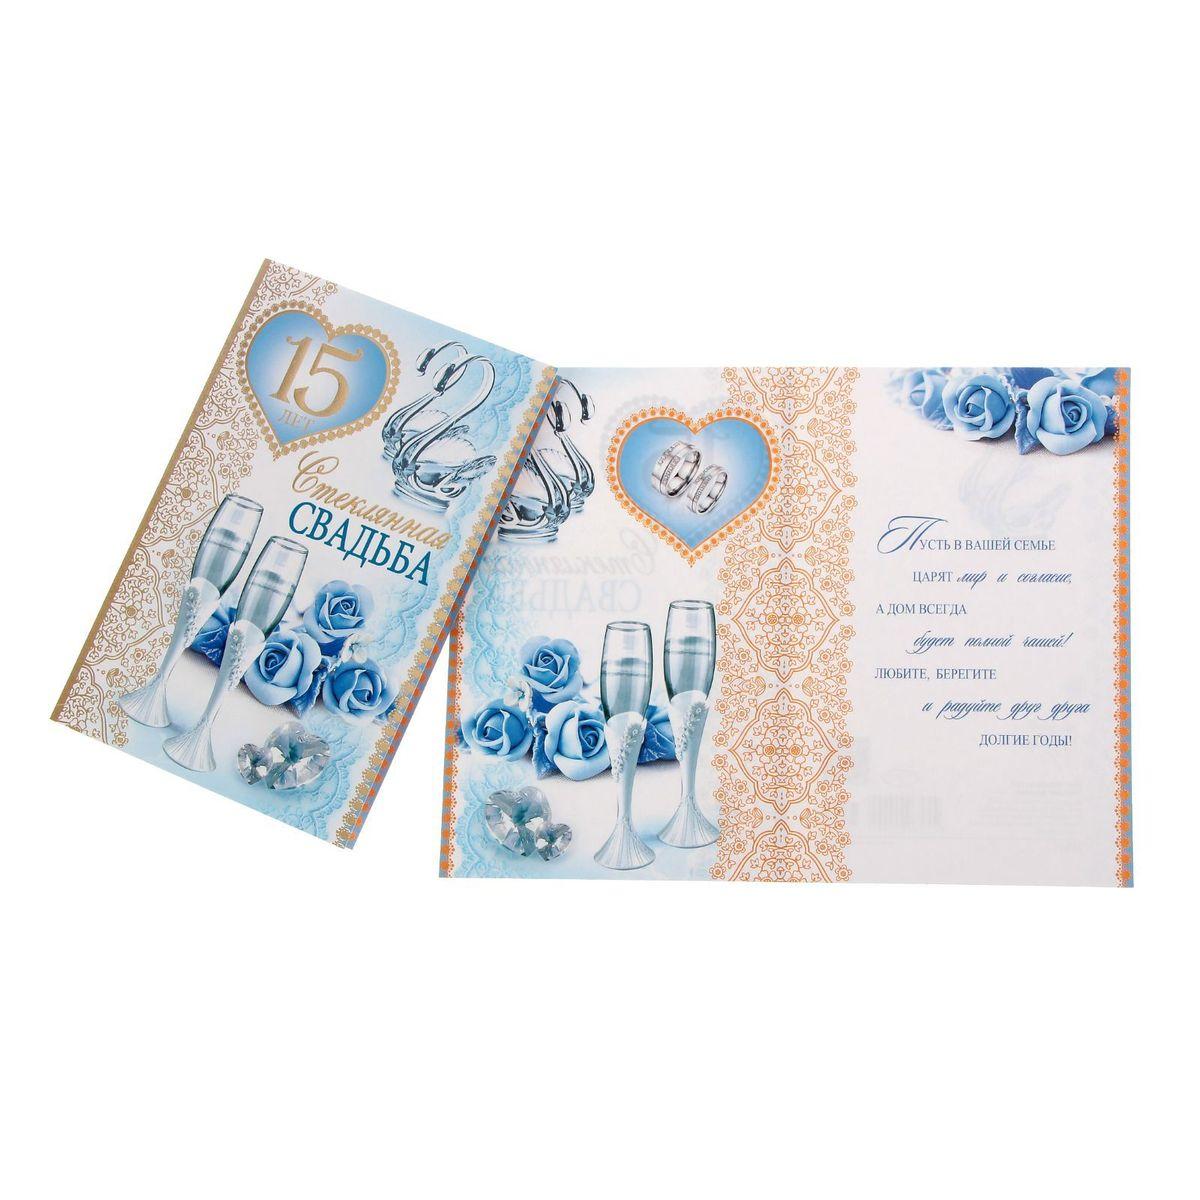 Открытка Русский дизайн Стеклянная свадьба! Лебеди, А51220377Если вы хотите порадовать себя или близких, создать праздничное настроение и с улыбкой провести памятный день, то вы, несомненно, сделали правильный выбор! ОткрыткаРусский дизайн Стеклянная свадьба! Лебеди, выполненная из картона, отличается не только оригинальным дизайном, но и высоким качеством.Формат: А5.